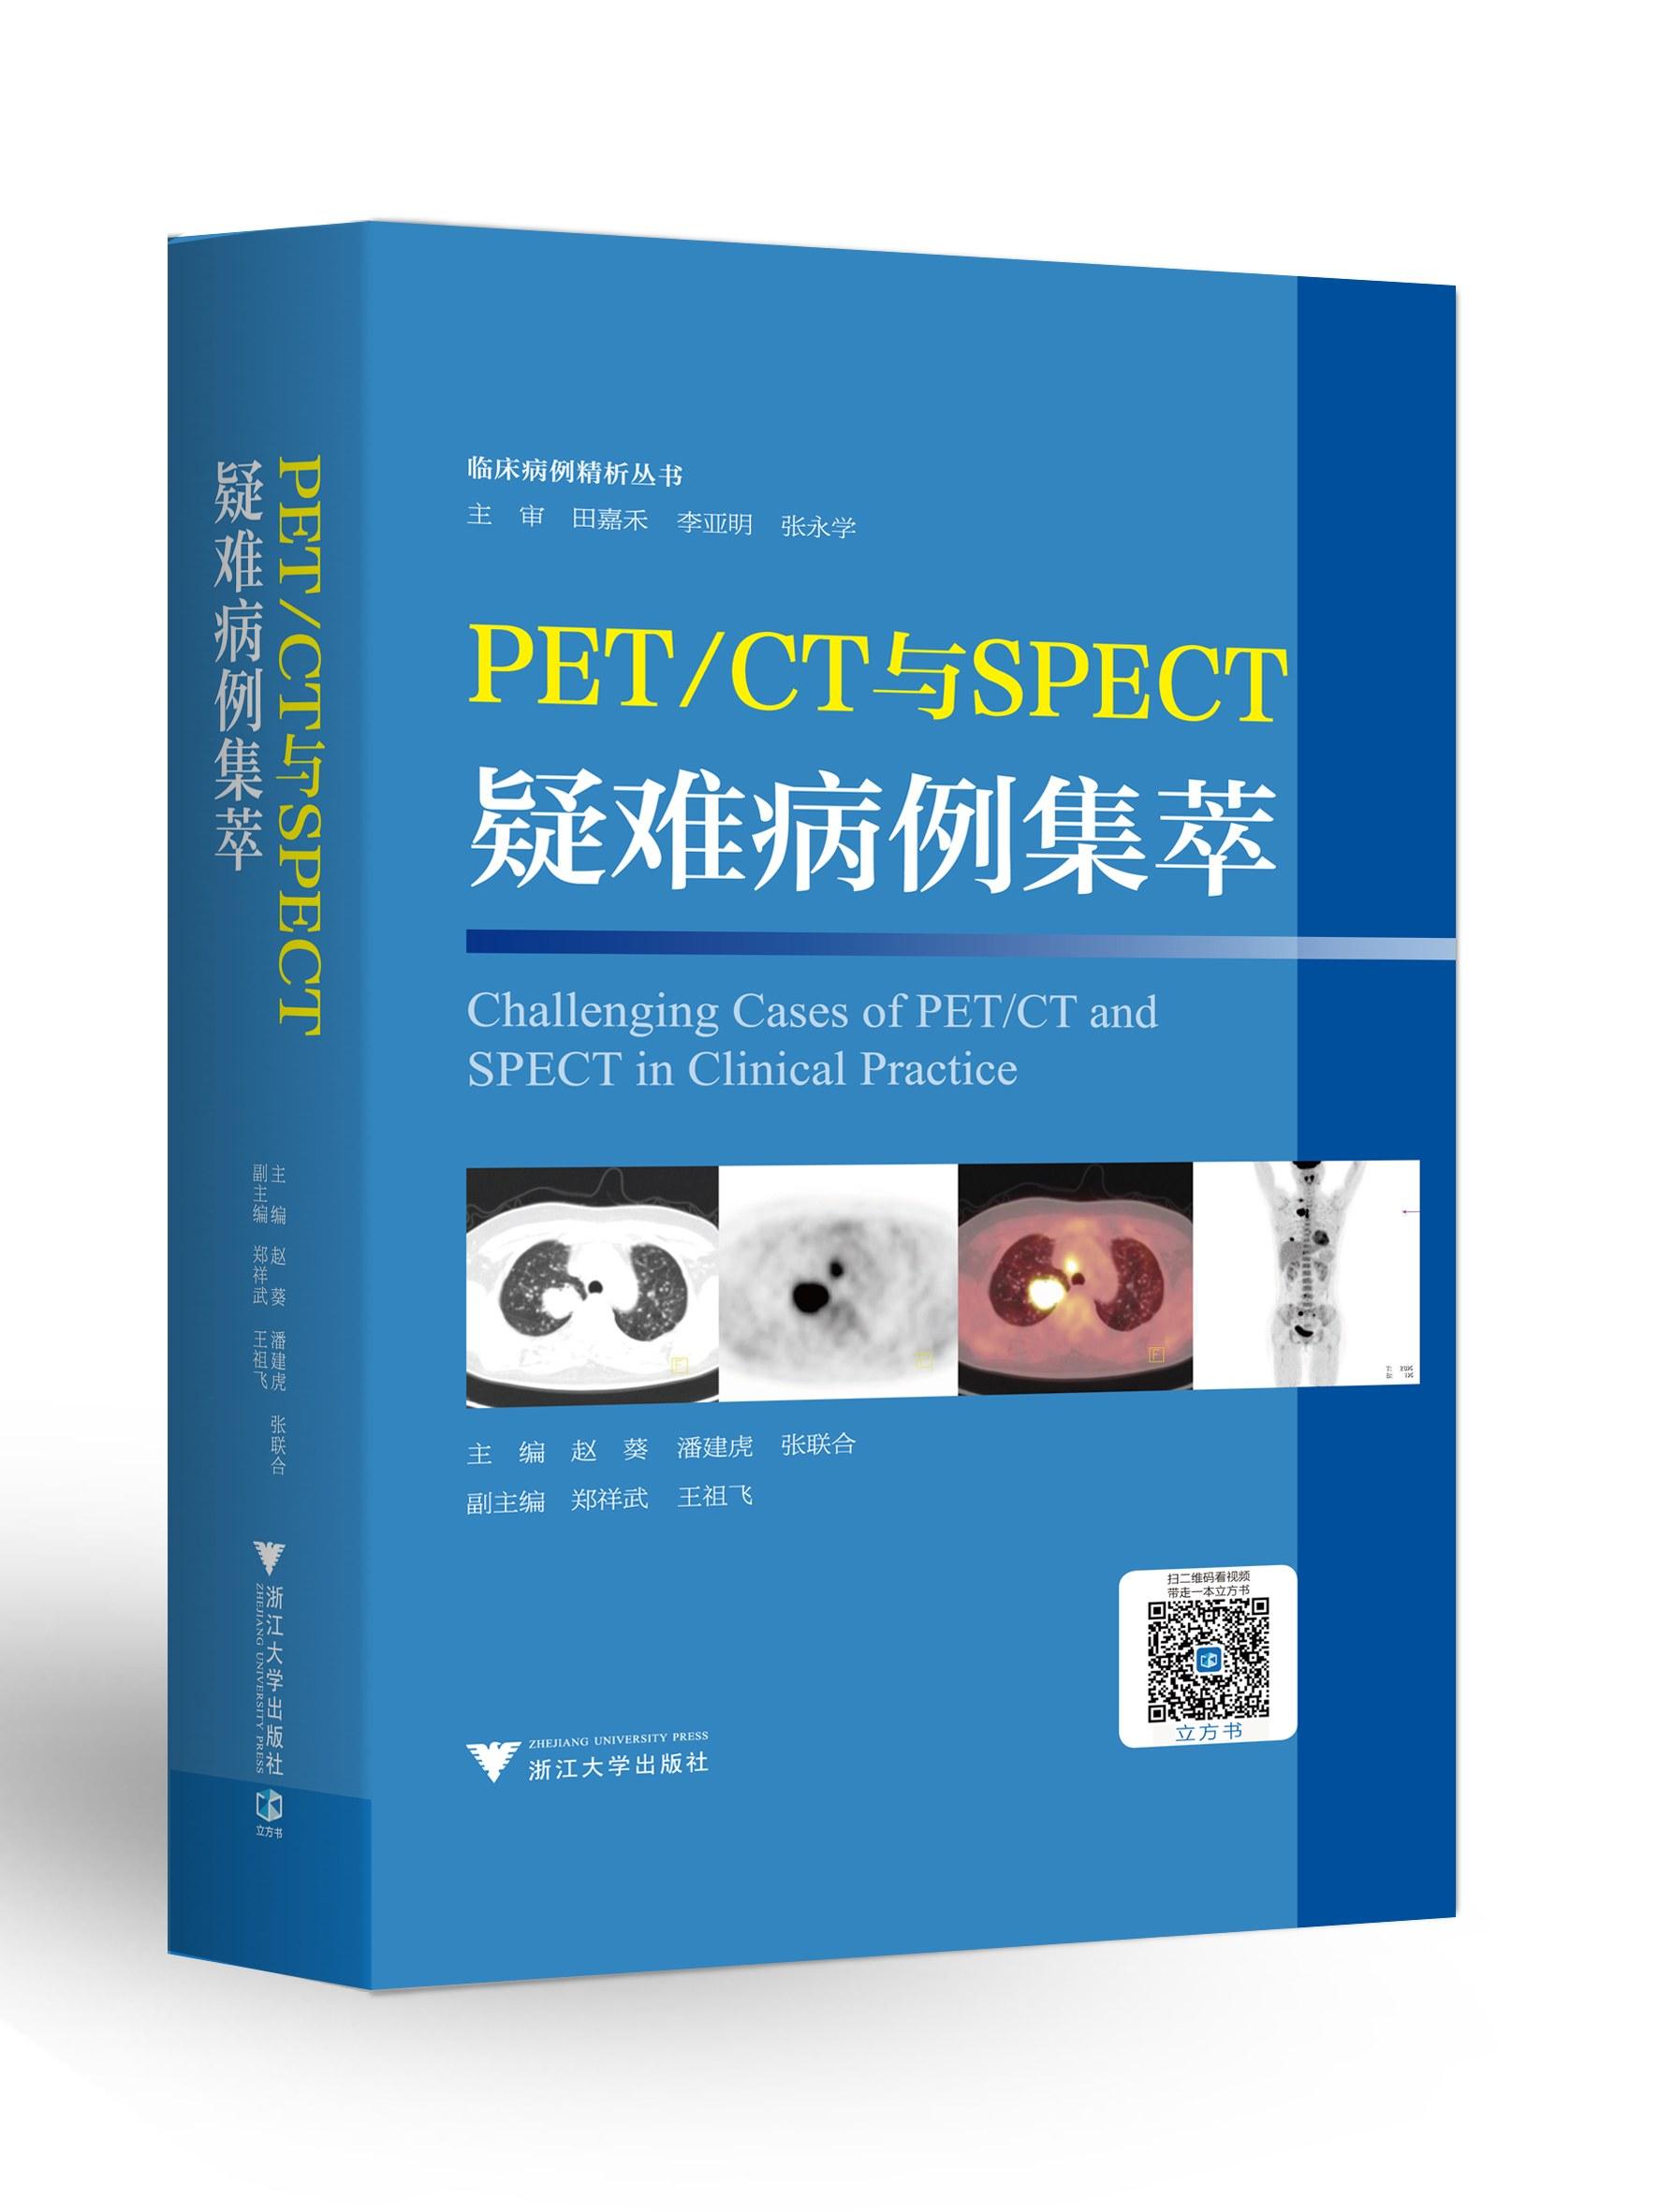 【正版现货】pet-ct与spect疑难病例集萃/浙江大学出版社/赵葵/临床